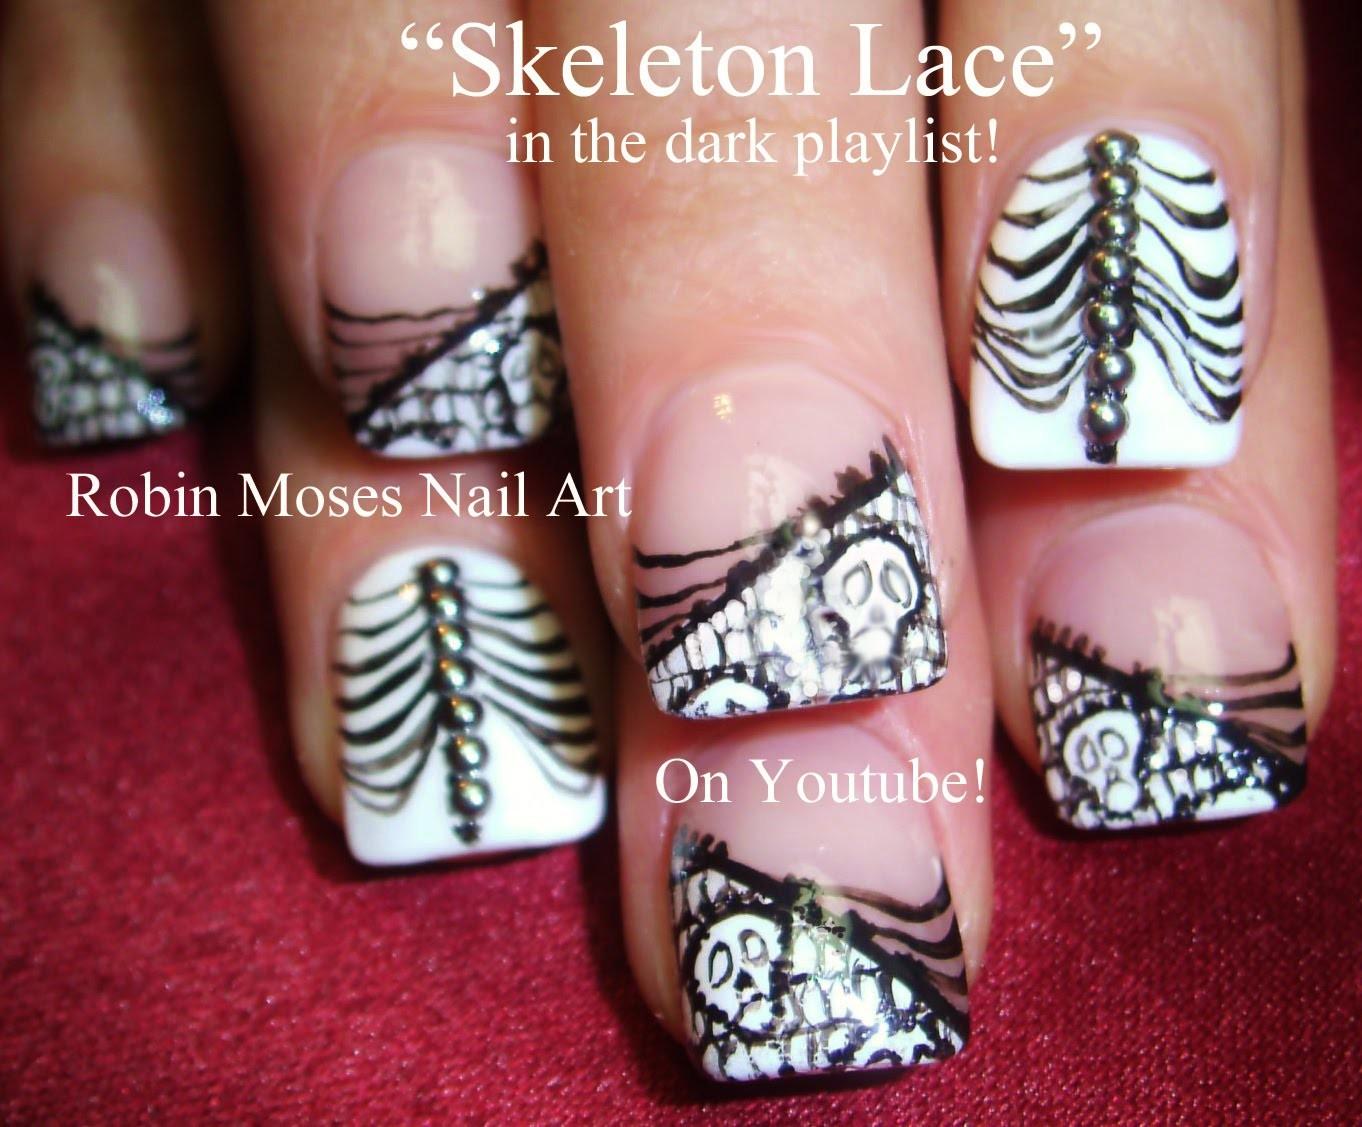 2 Nail Art Tutorials | DIY Halloween Nails | Skeleton Lace Nail Design & Blinged out Ribs